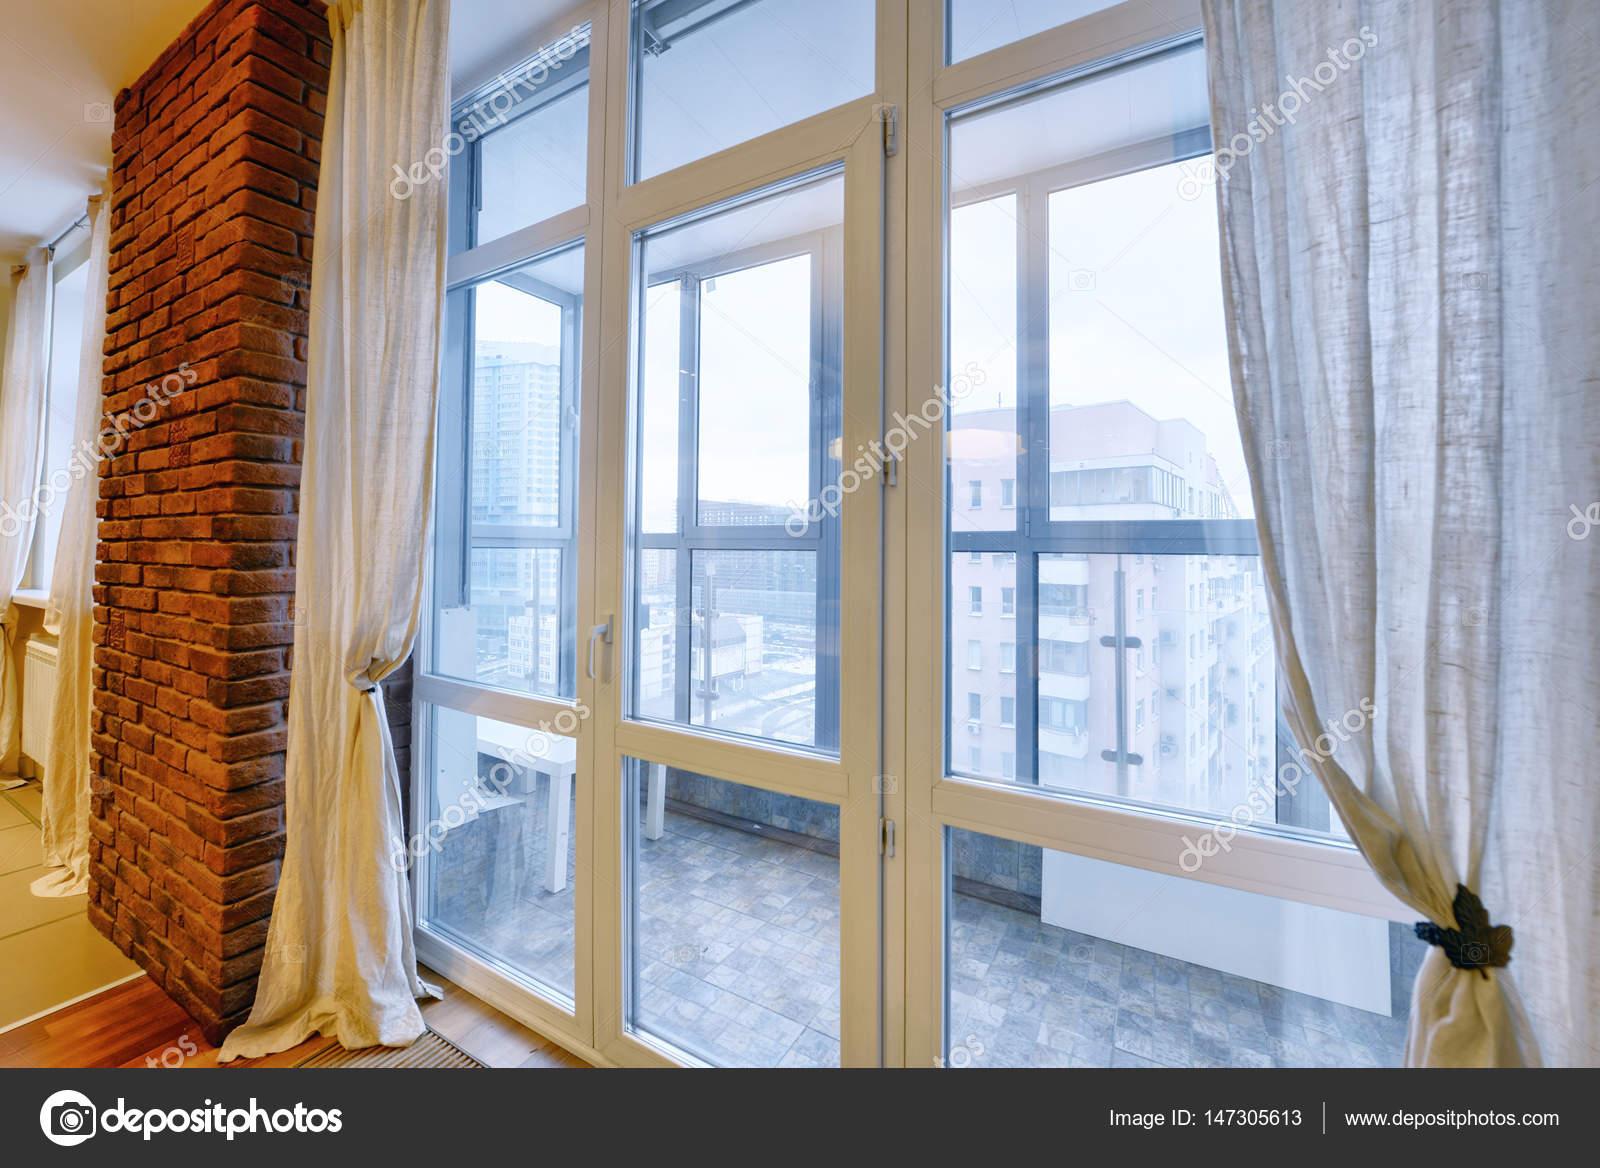 R Ssia Moscou Decora O Cortinas De Janela Na Cozinha Stock